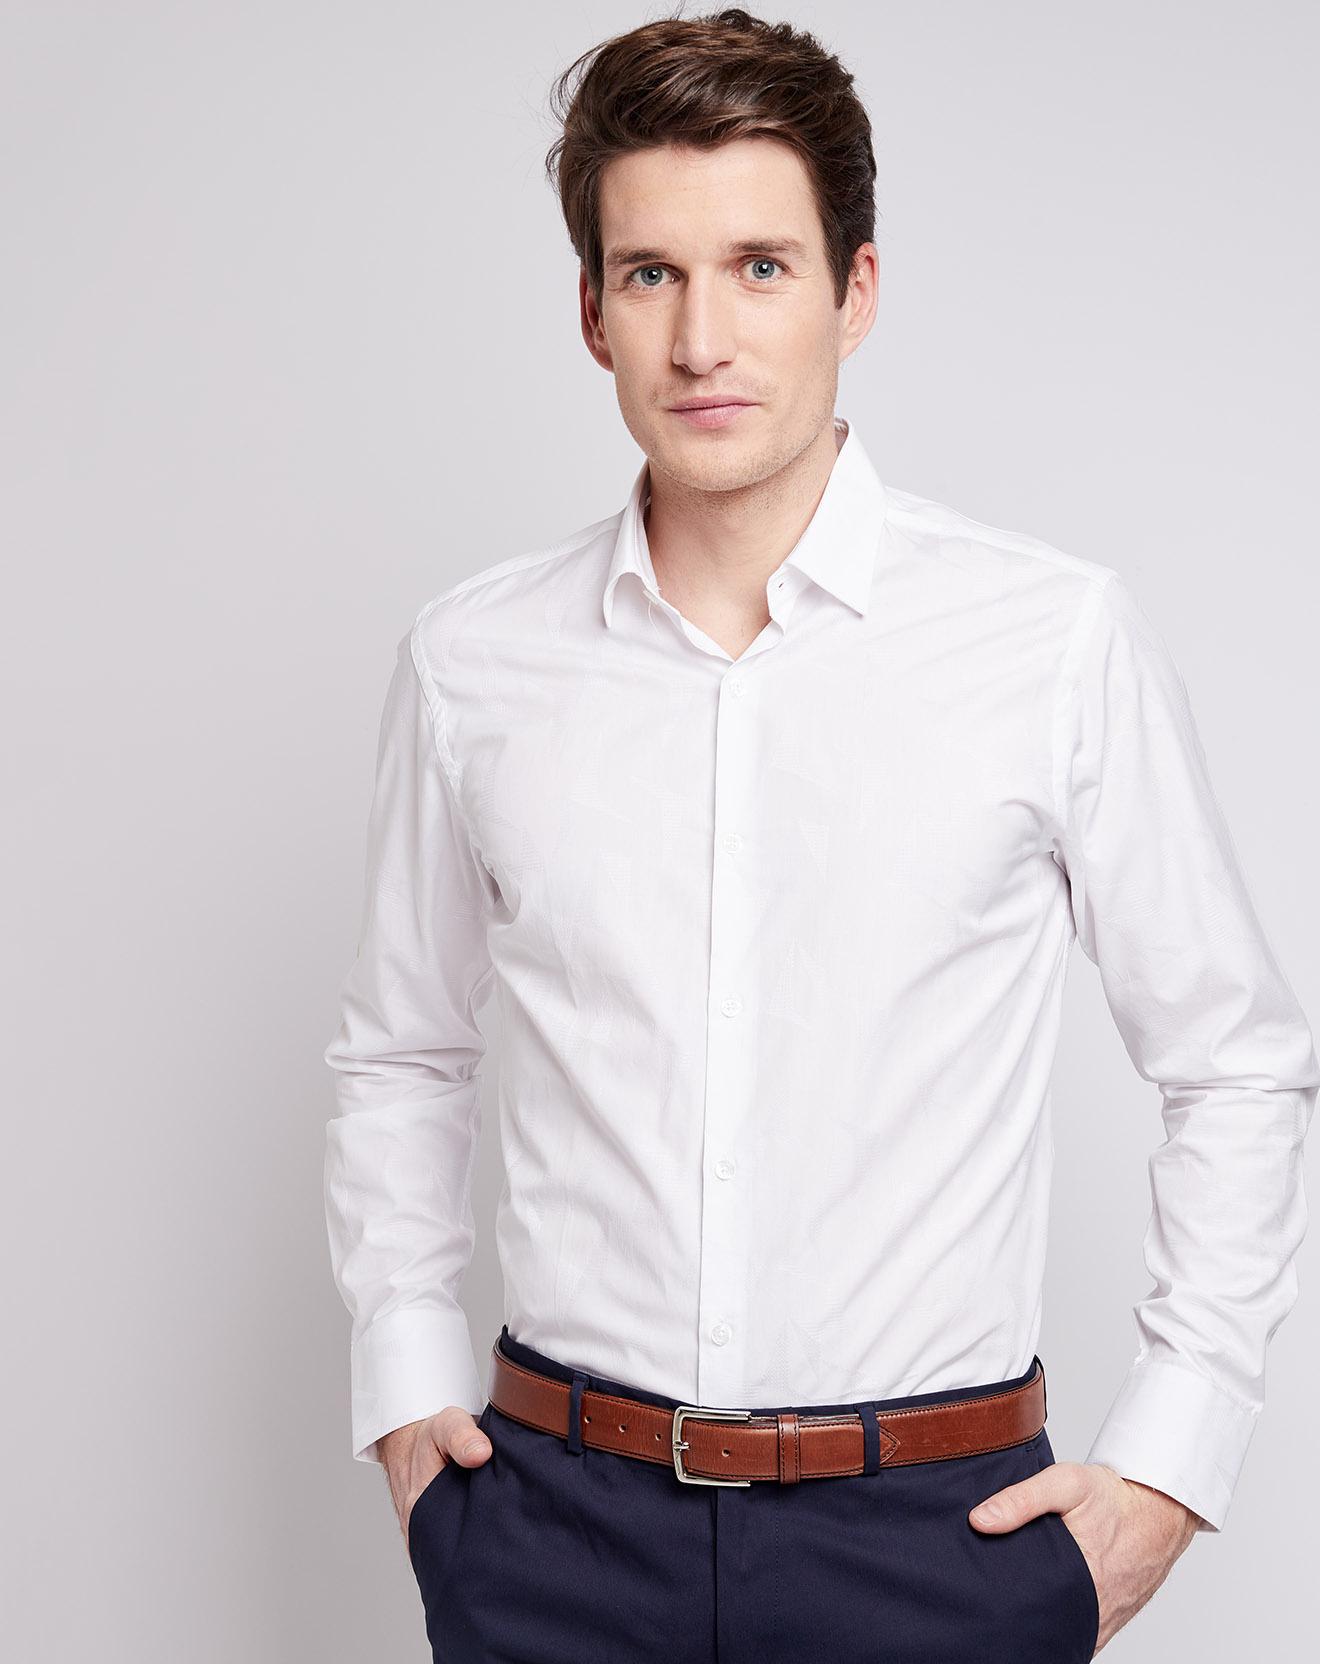 a212dbdc6c chemise blanche poignets classiques